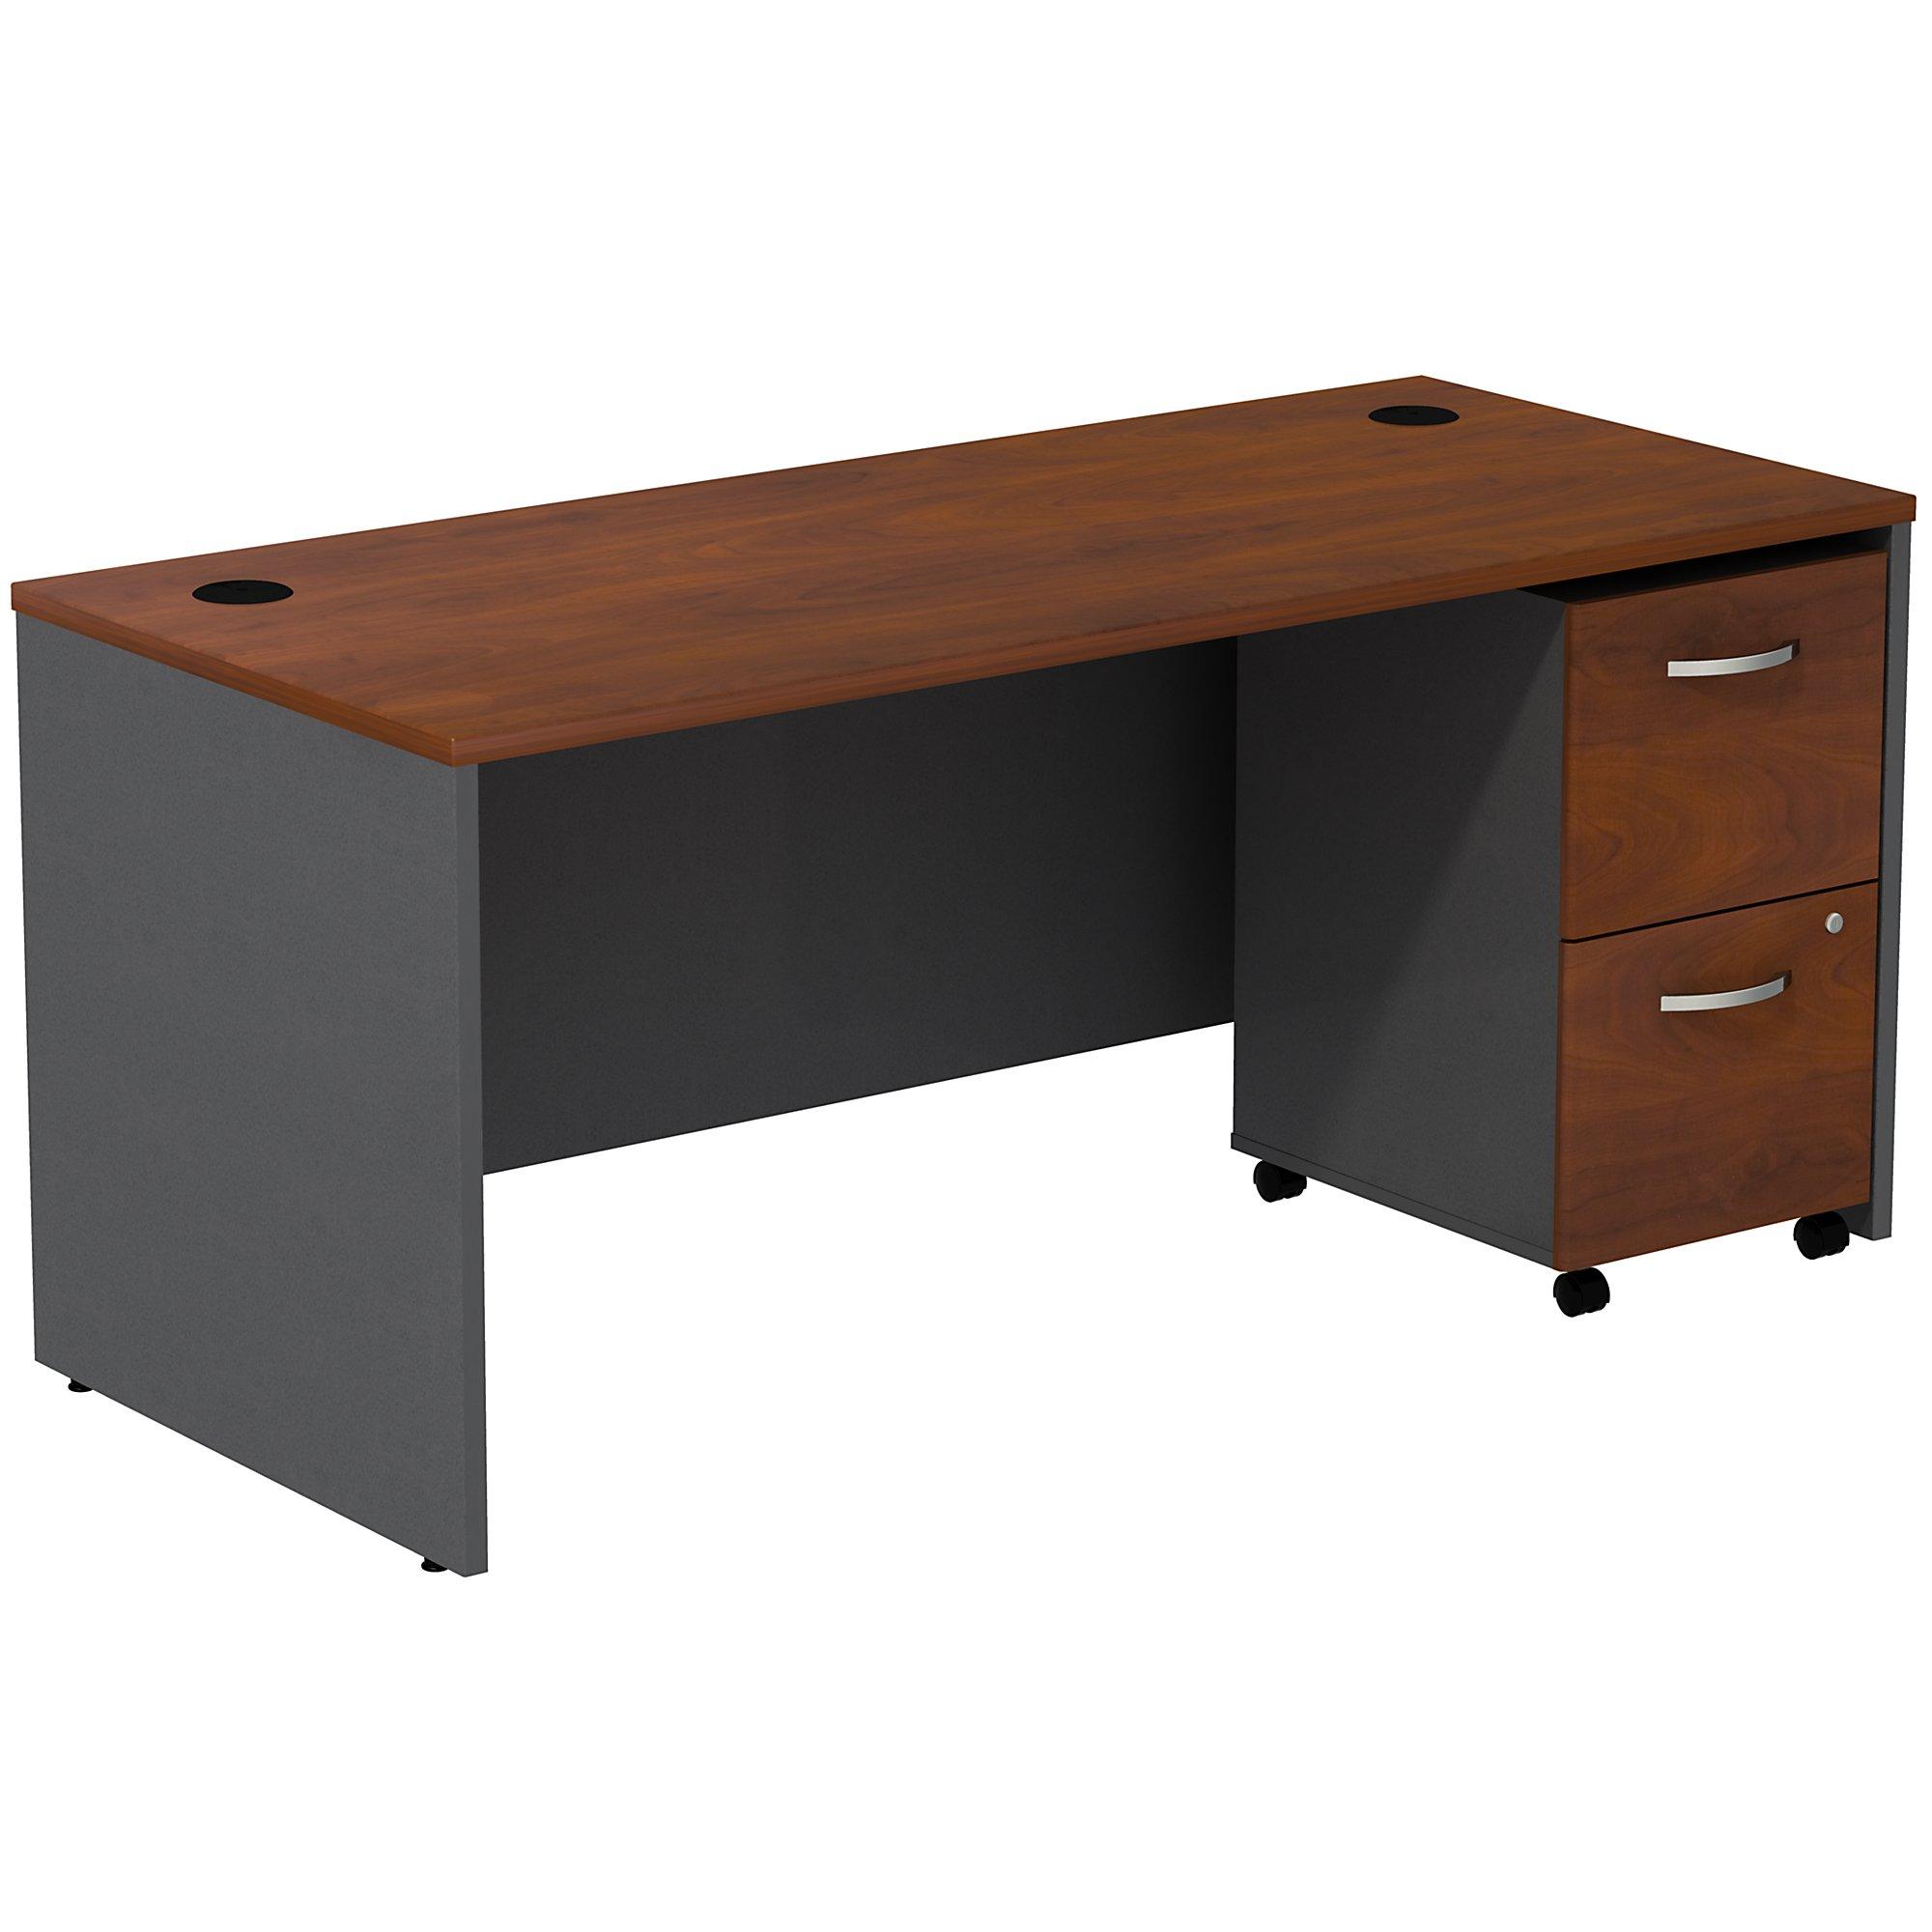 hansen cherry series c desk with mobile pedestal